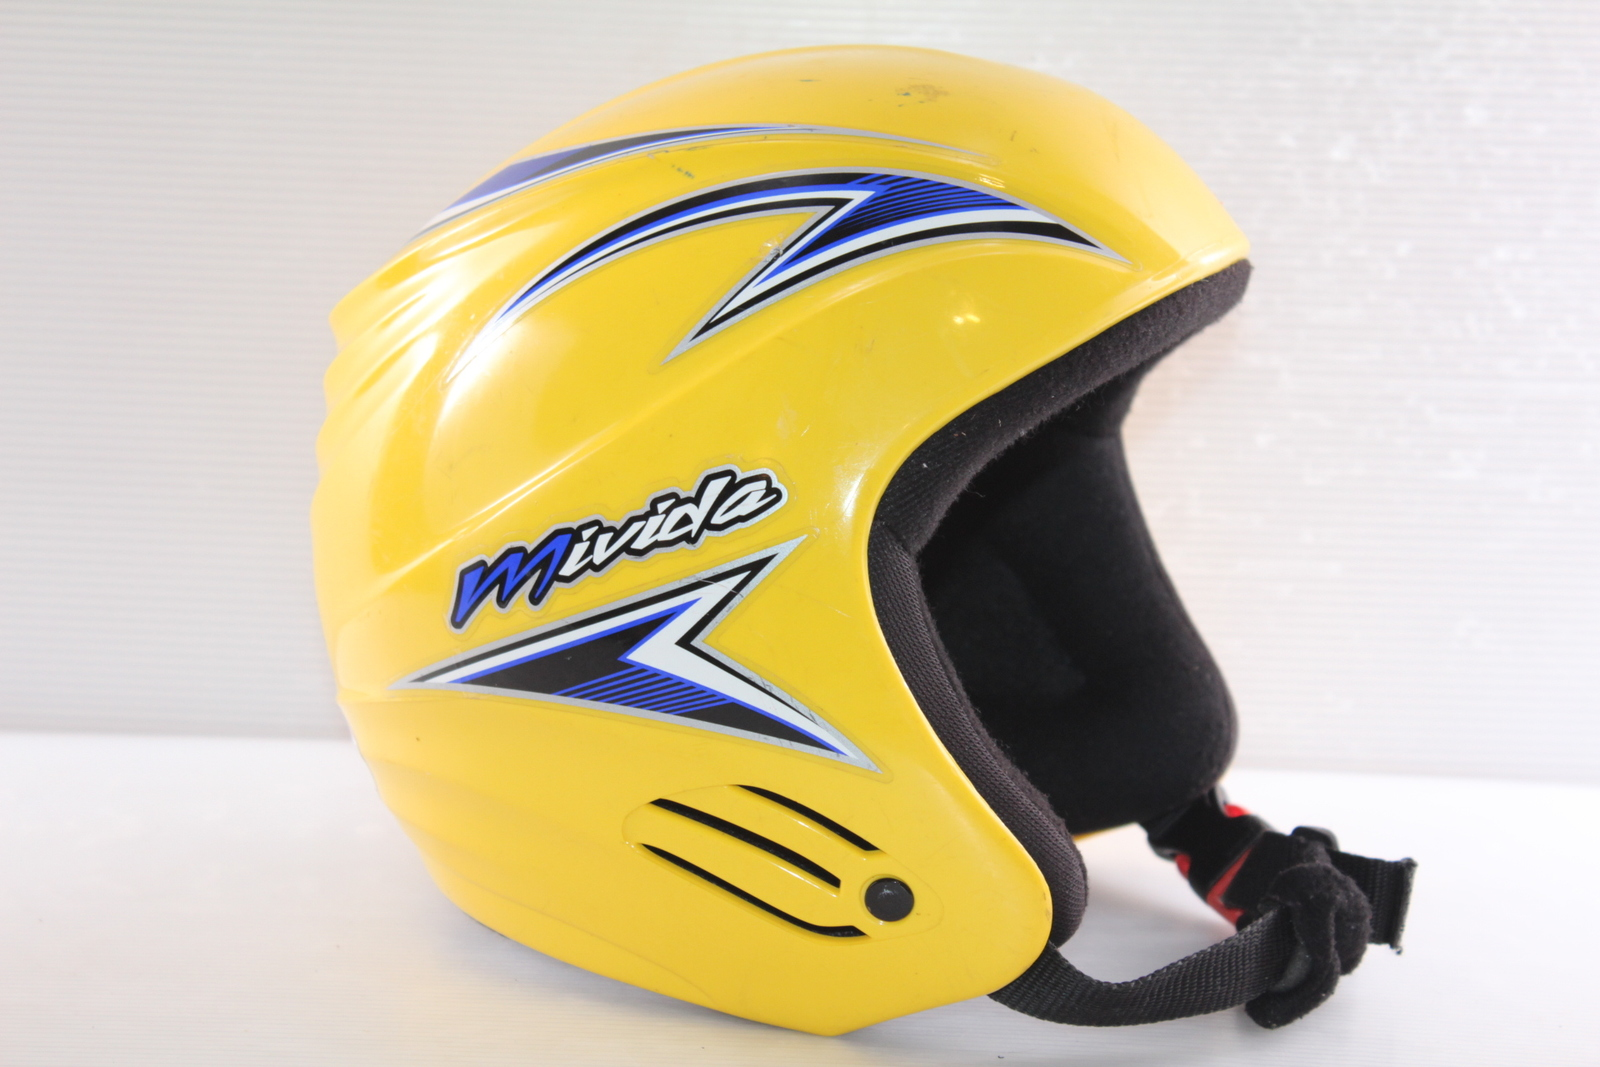 Dětská lyžařská helma Mivida  - posuvná vel. 58 - 61